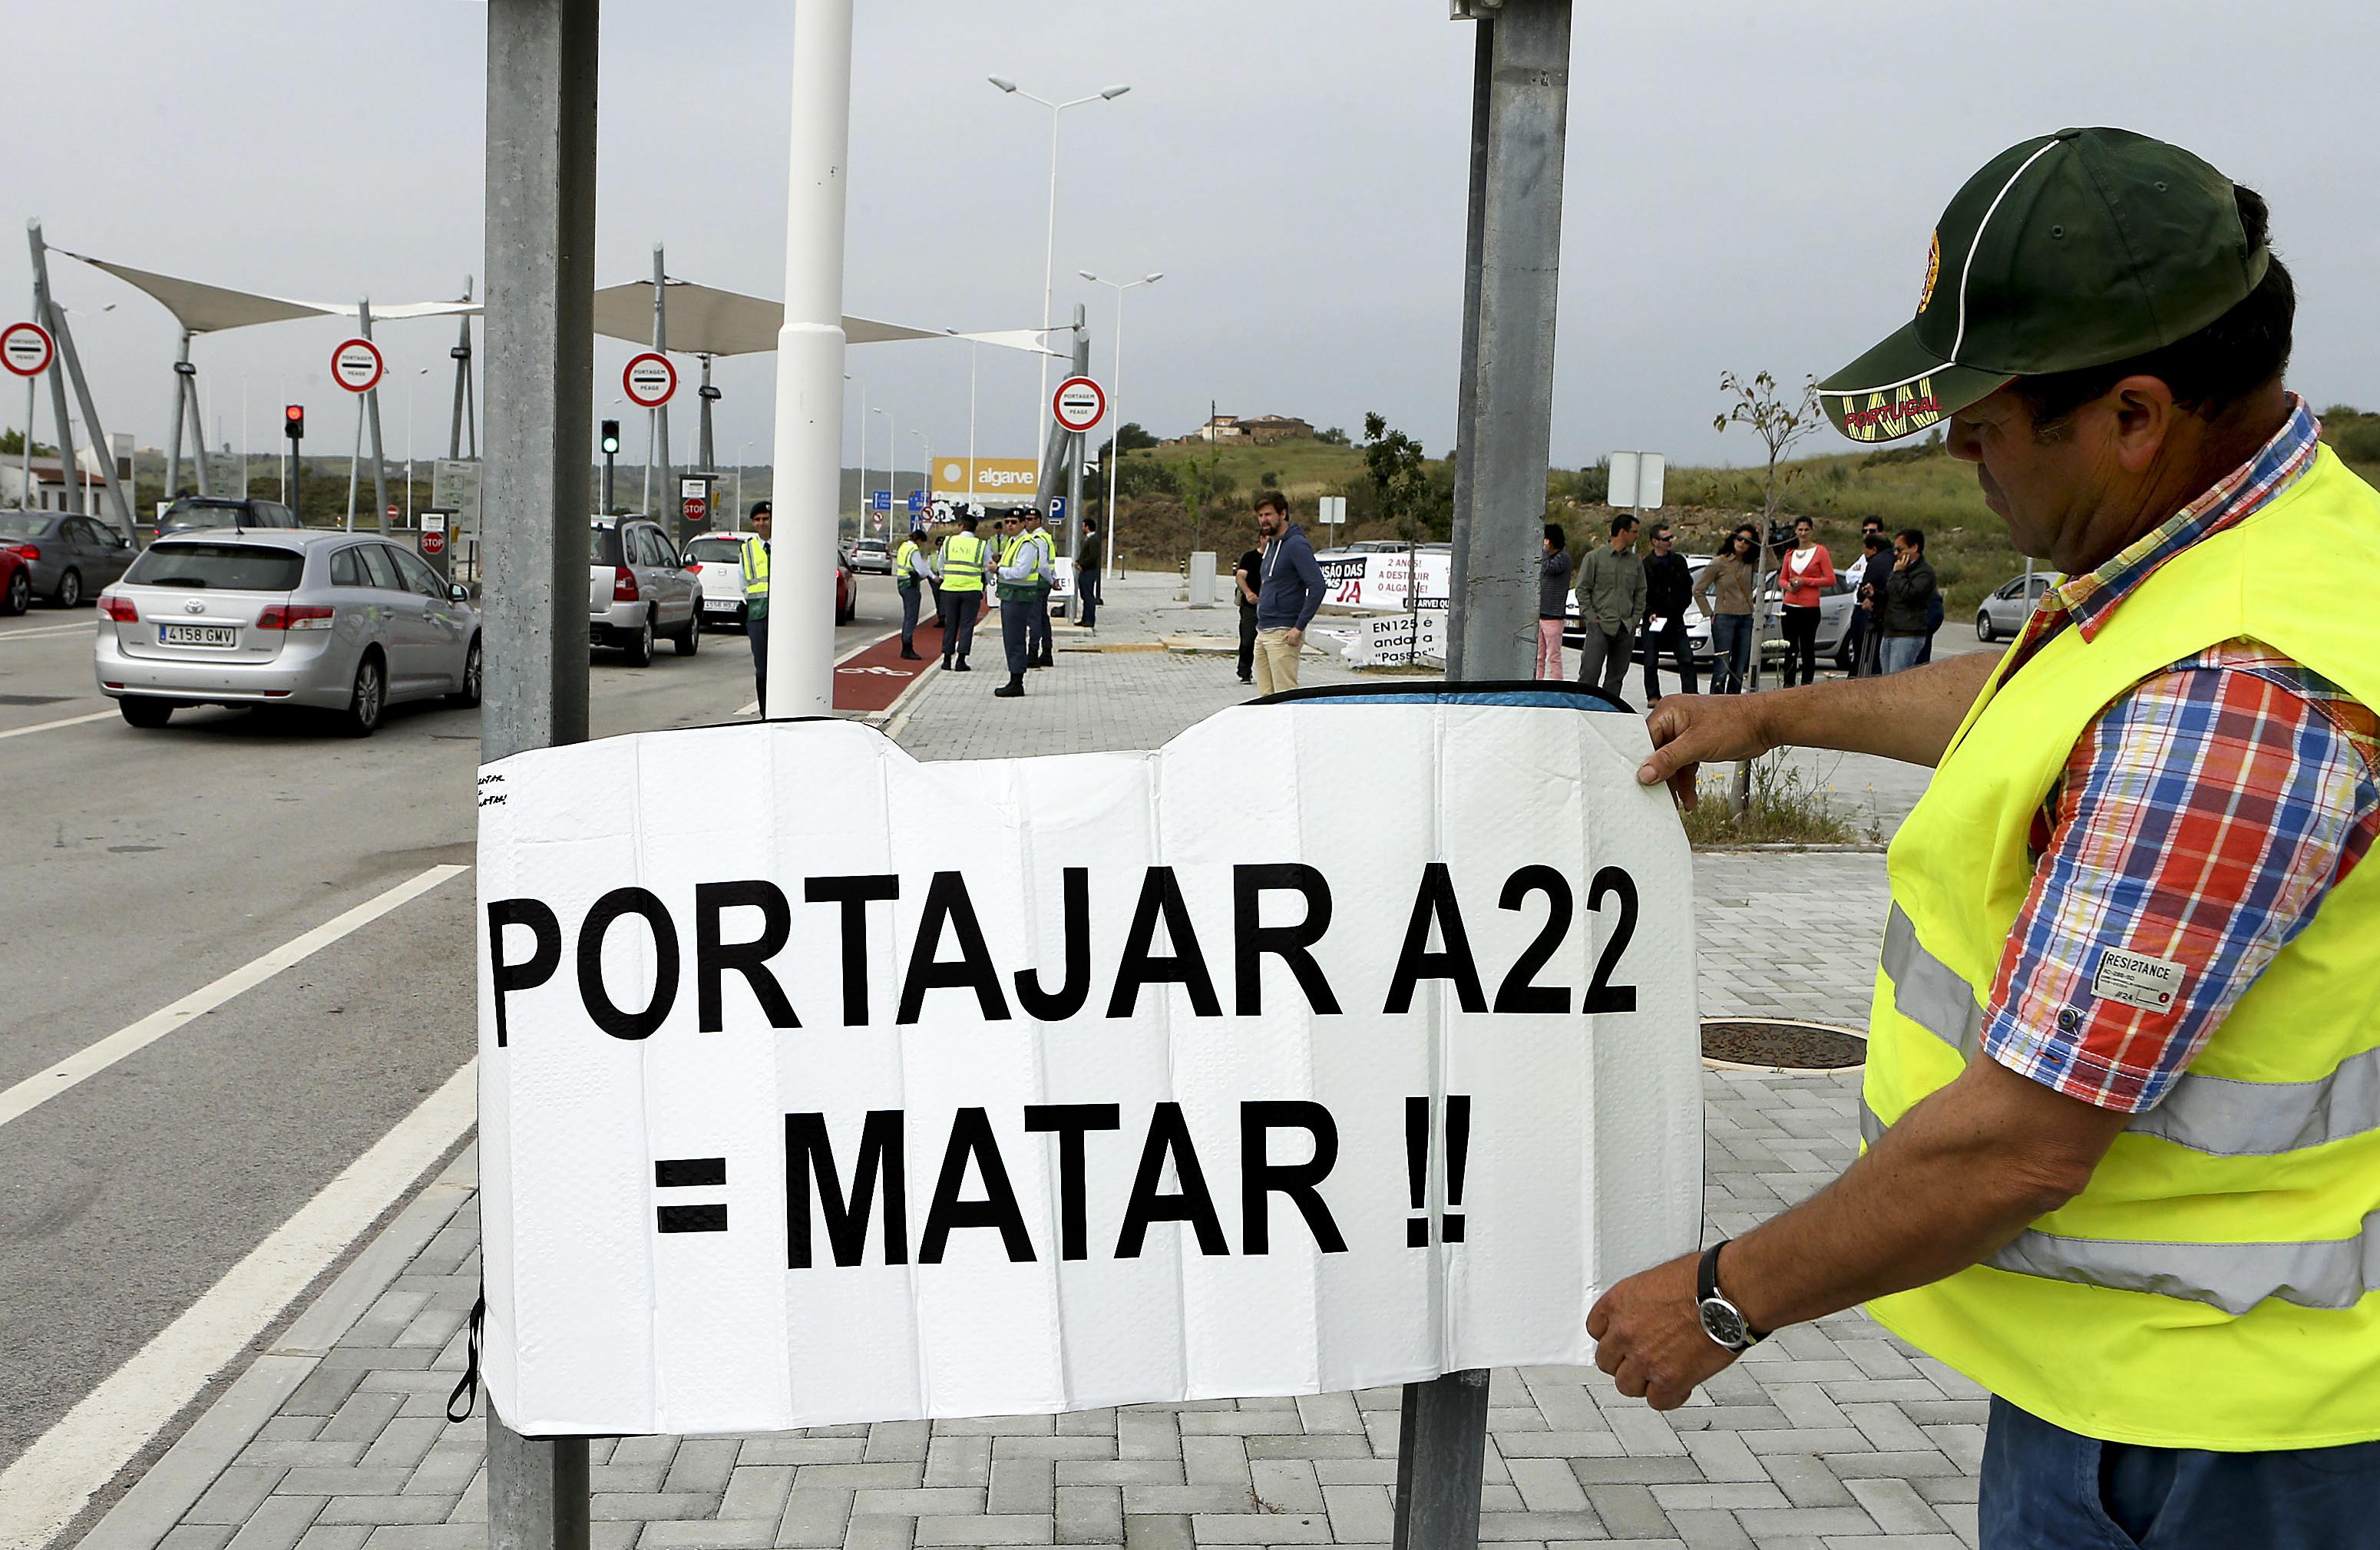 Comissão de Utentes da Via do Infante (A22) protesta contra 8 anos de portagens